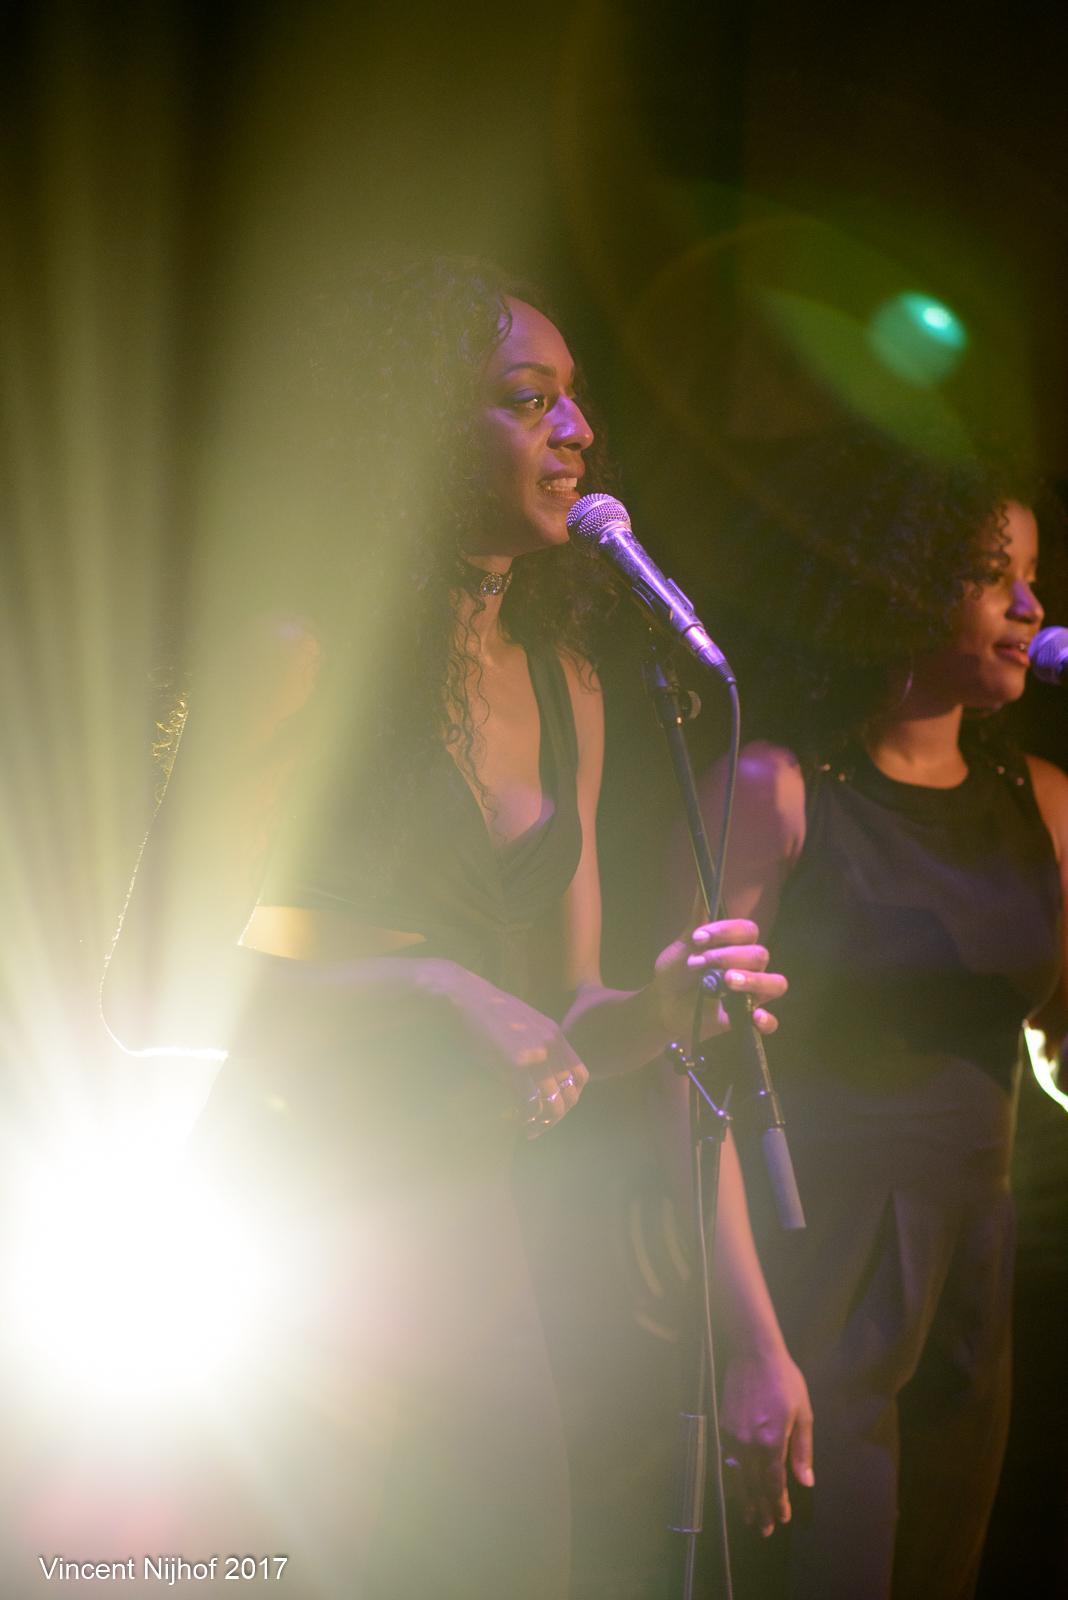 Yellow-Pearl-artist-Gigant-Apeldoorn-concert-03